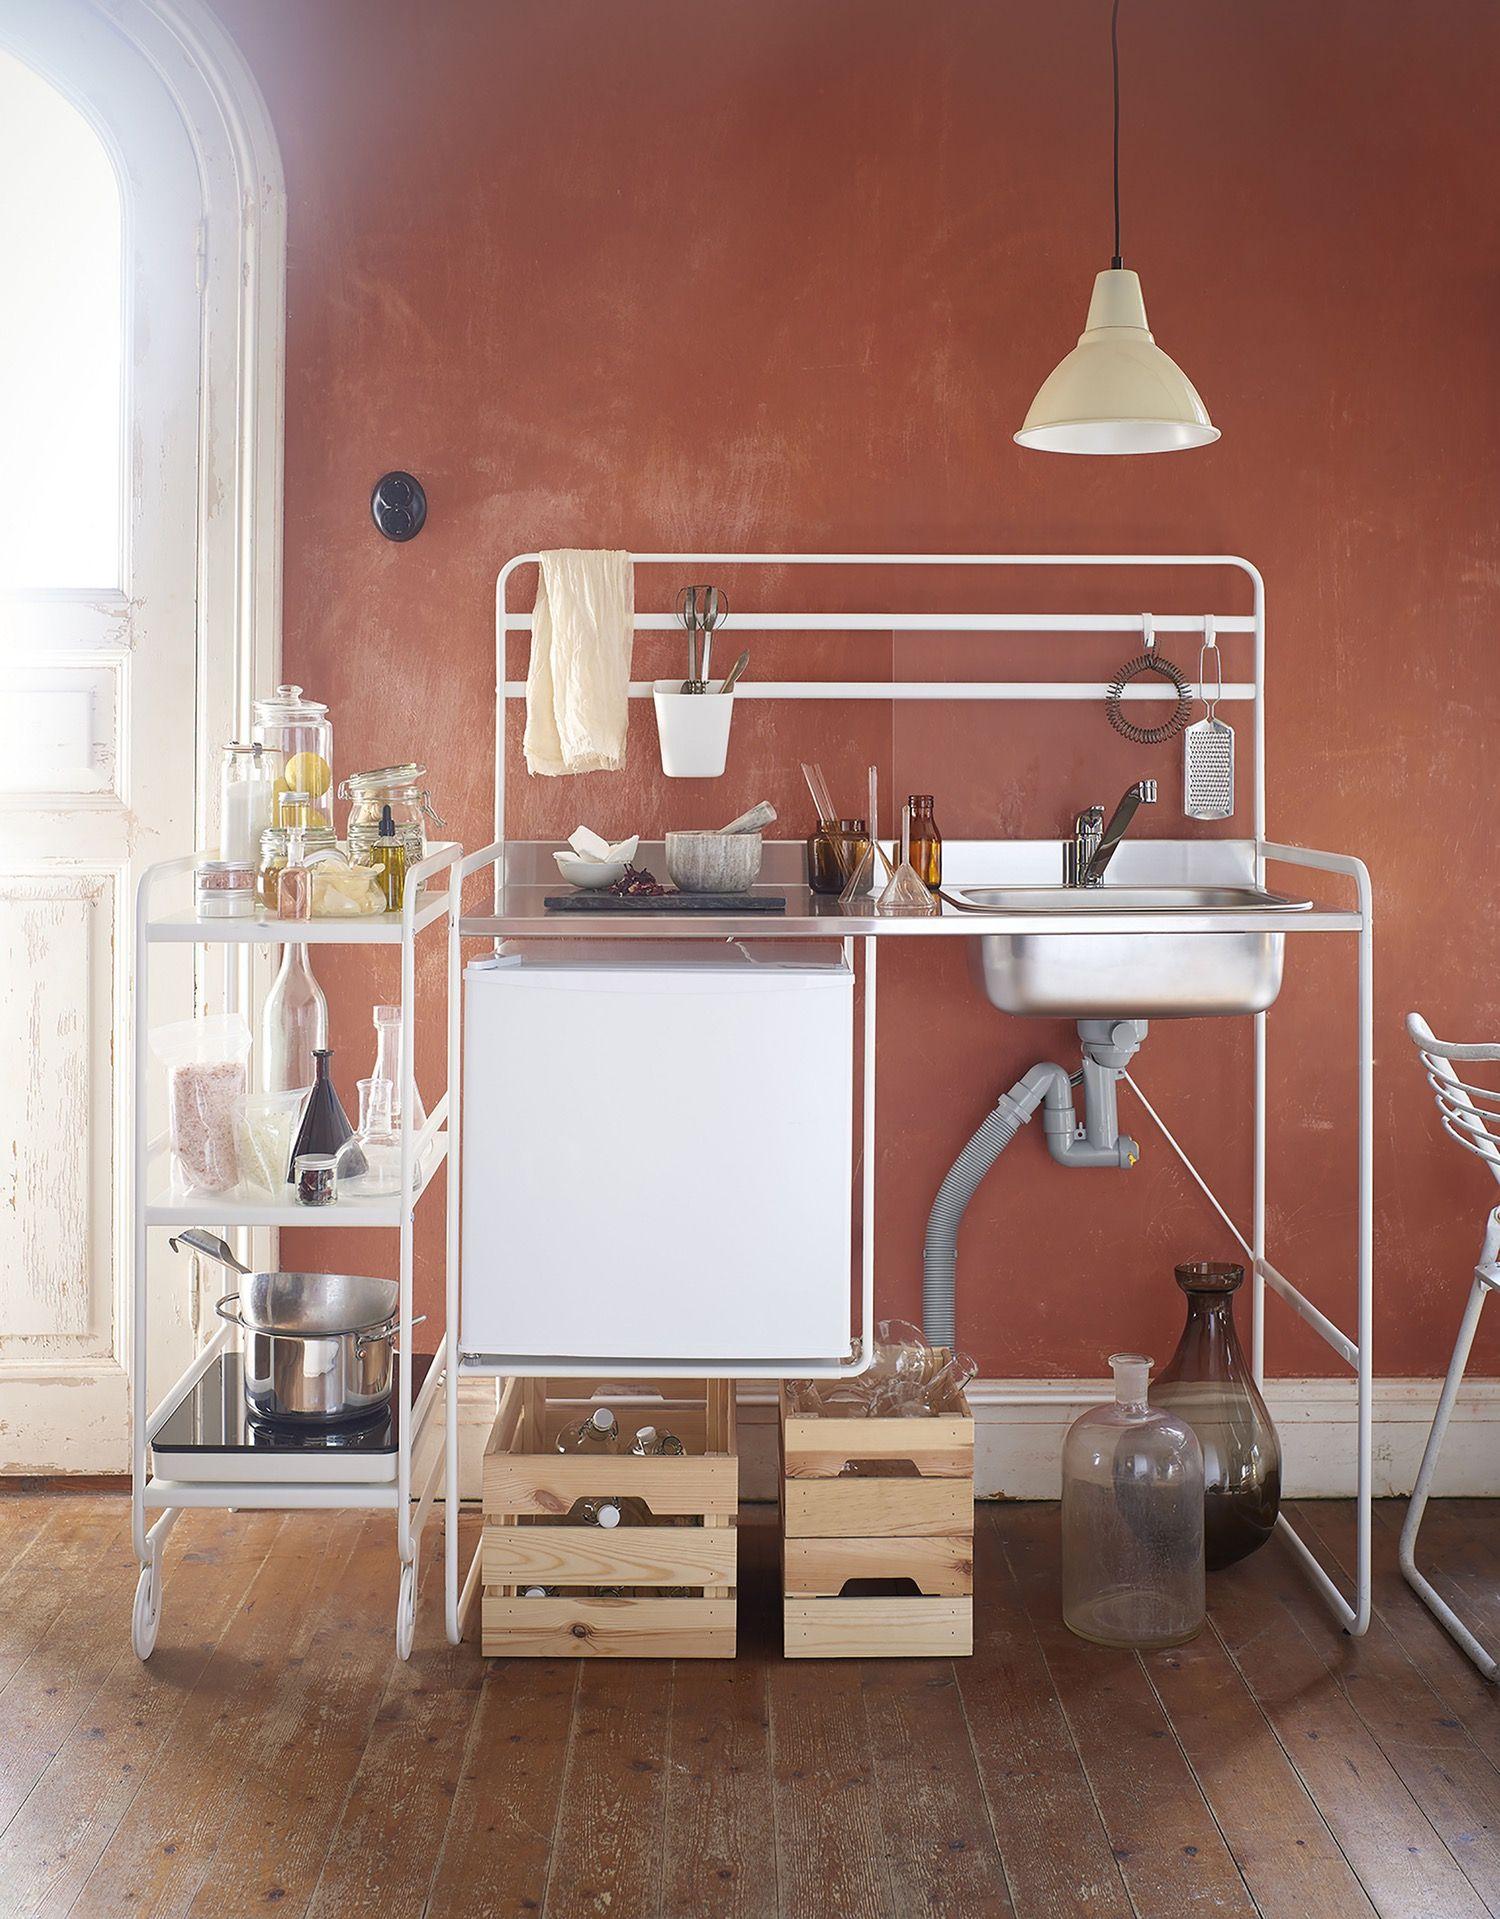 Charmant Kücheninseln Und Karren Bilder - Küchenschrank Ideen ...